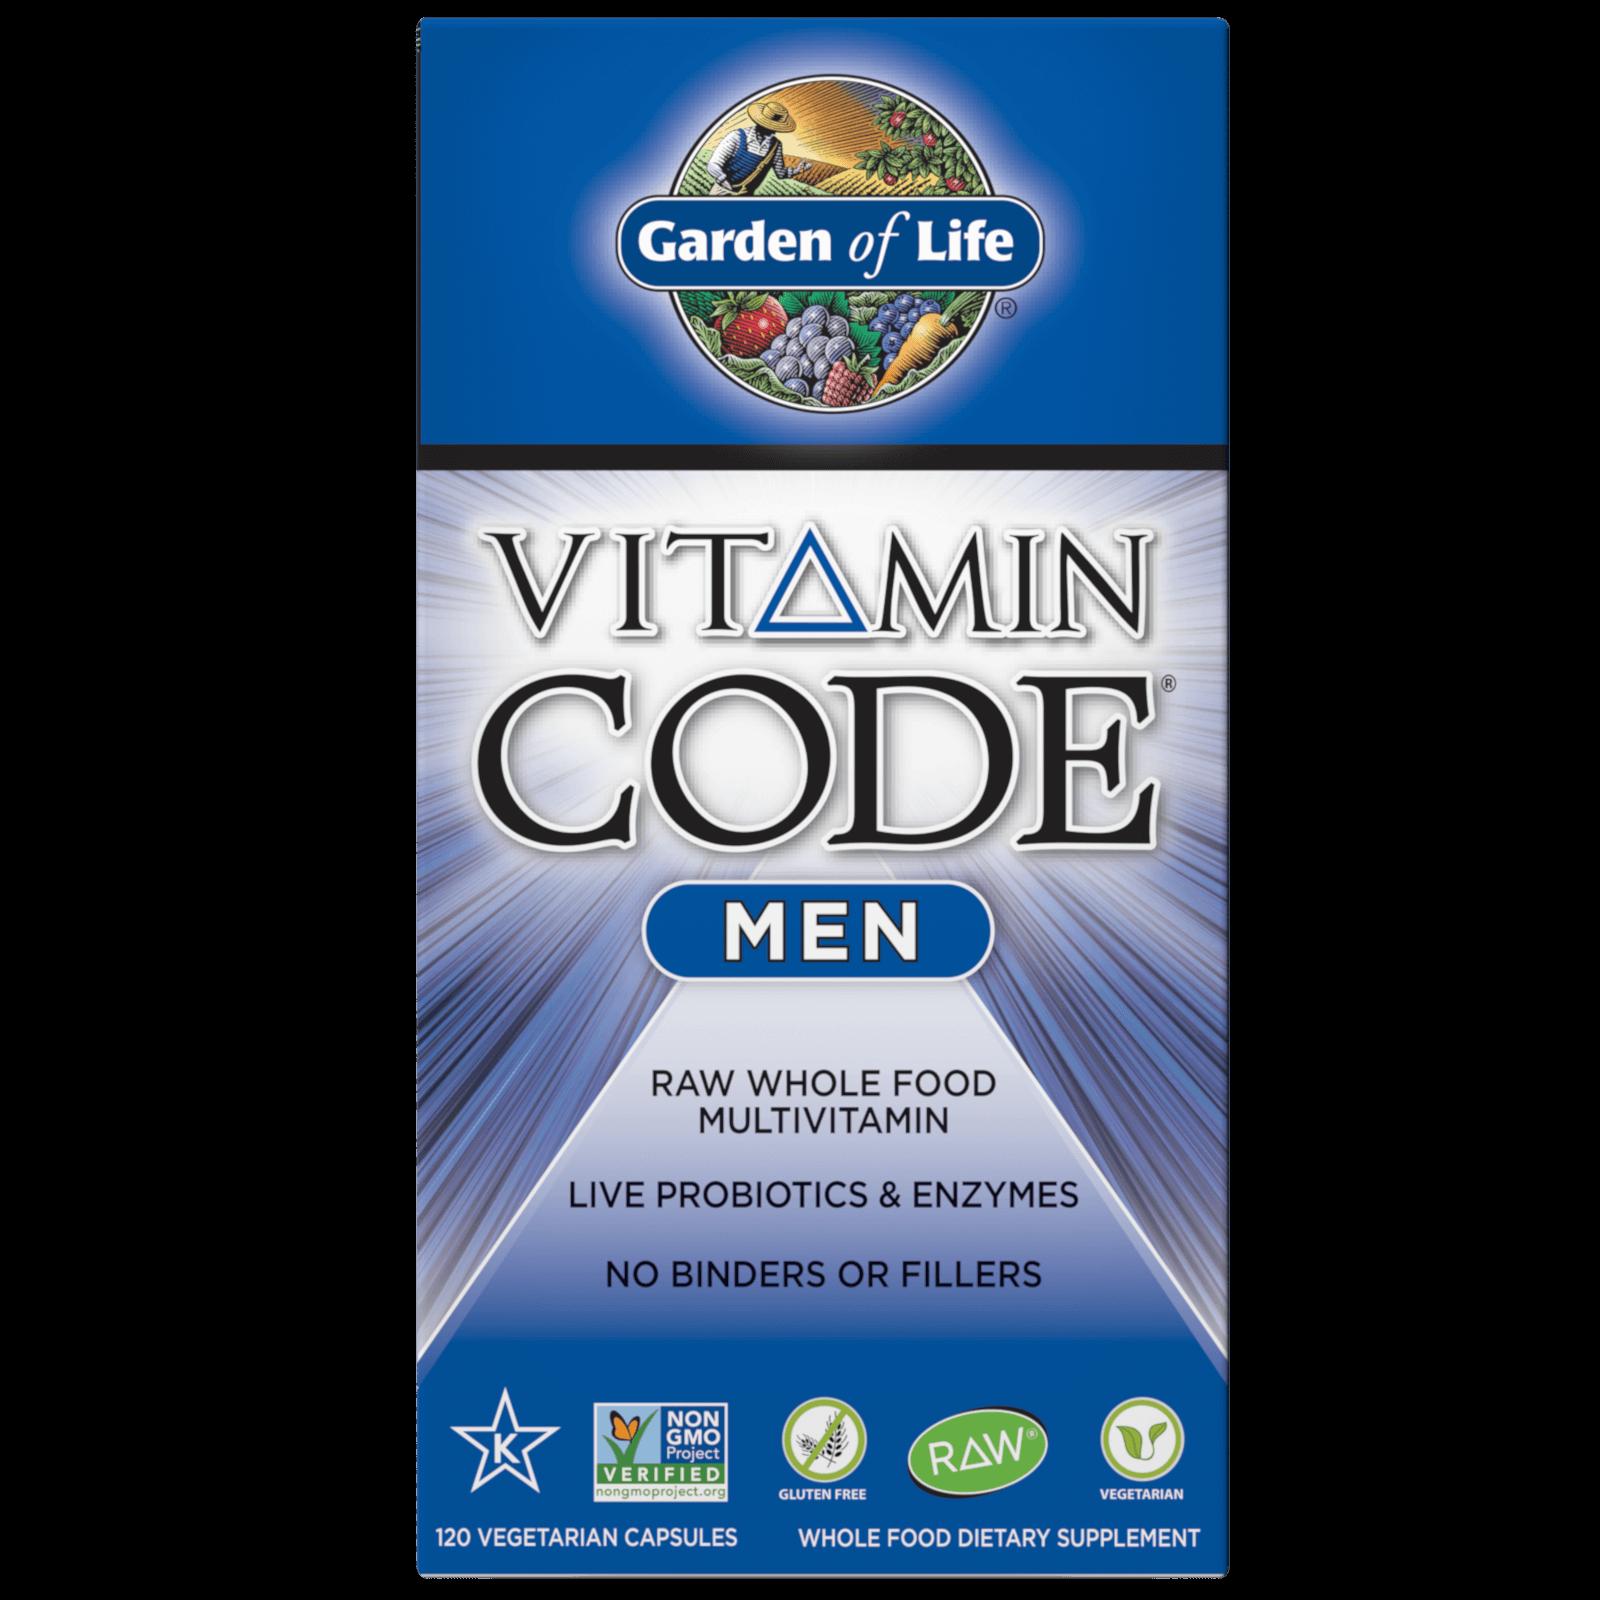 Vitamine Code Mannen - 120 capsules